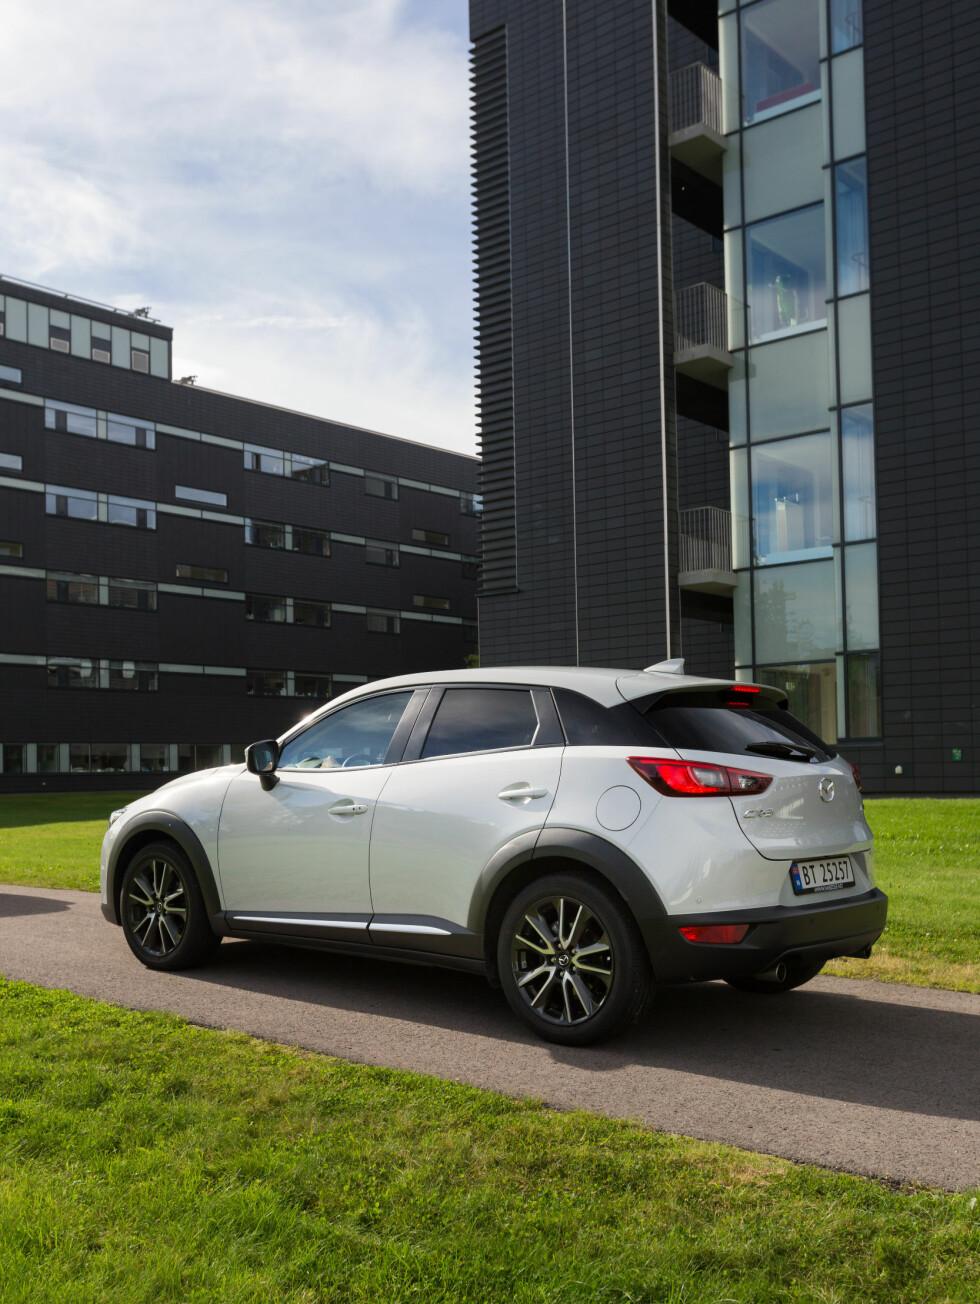 <strong><b>VOKSENDE MARKED:</strong></b> Mazda kommer godt  inn i et voksende marked, både når det gjelder pris og størrelse.  Foto: KASPER VAN WALLINGA